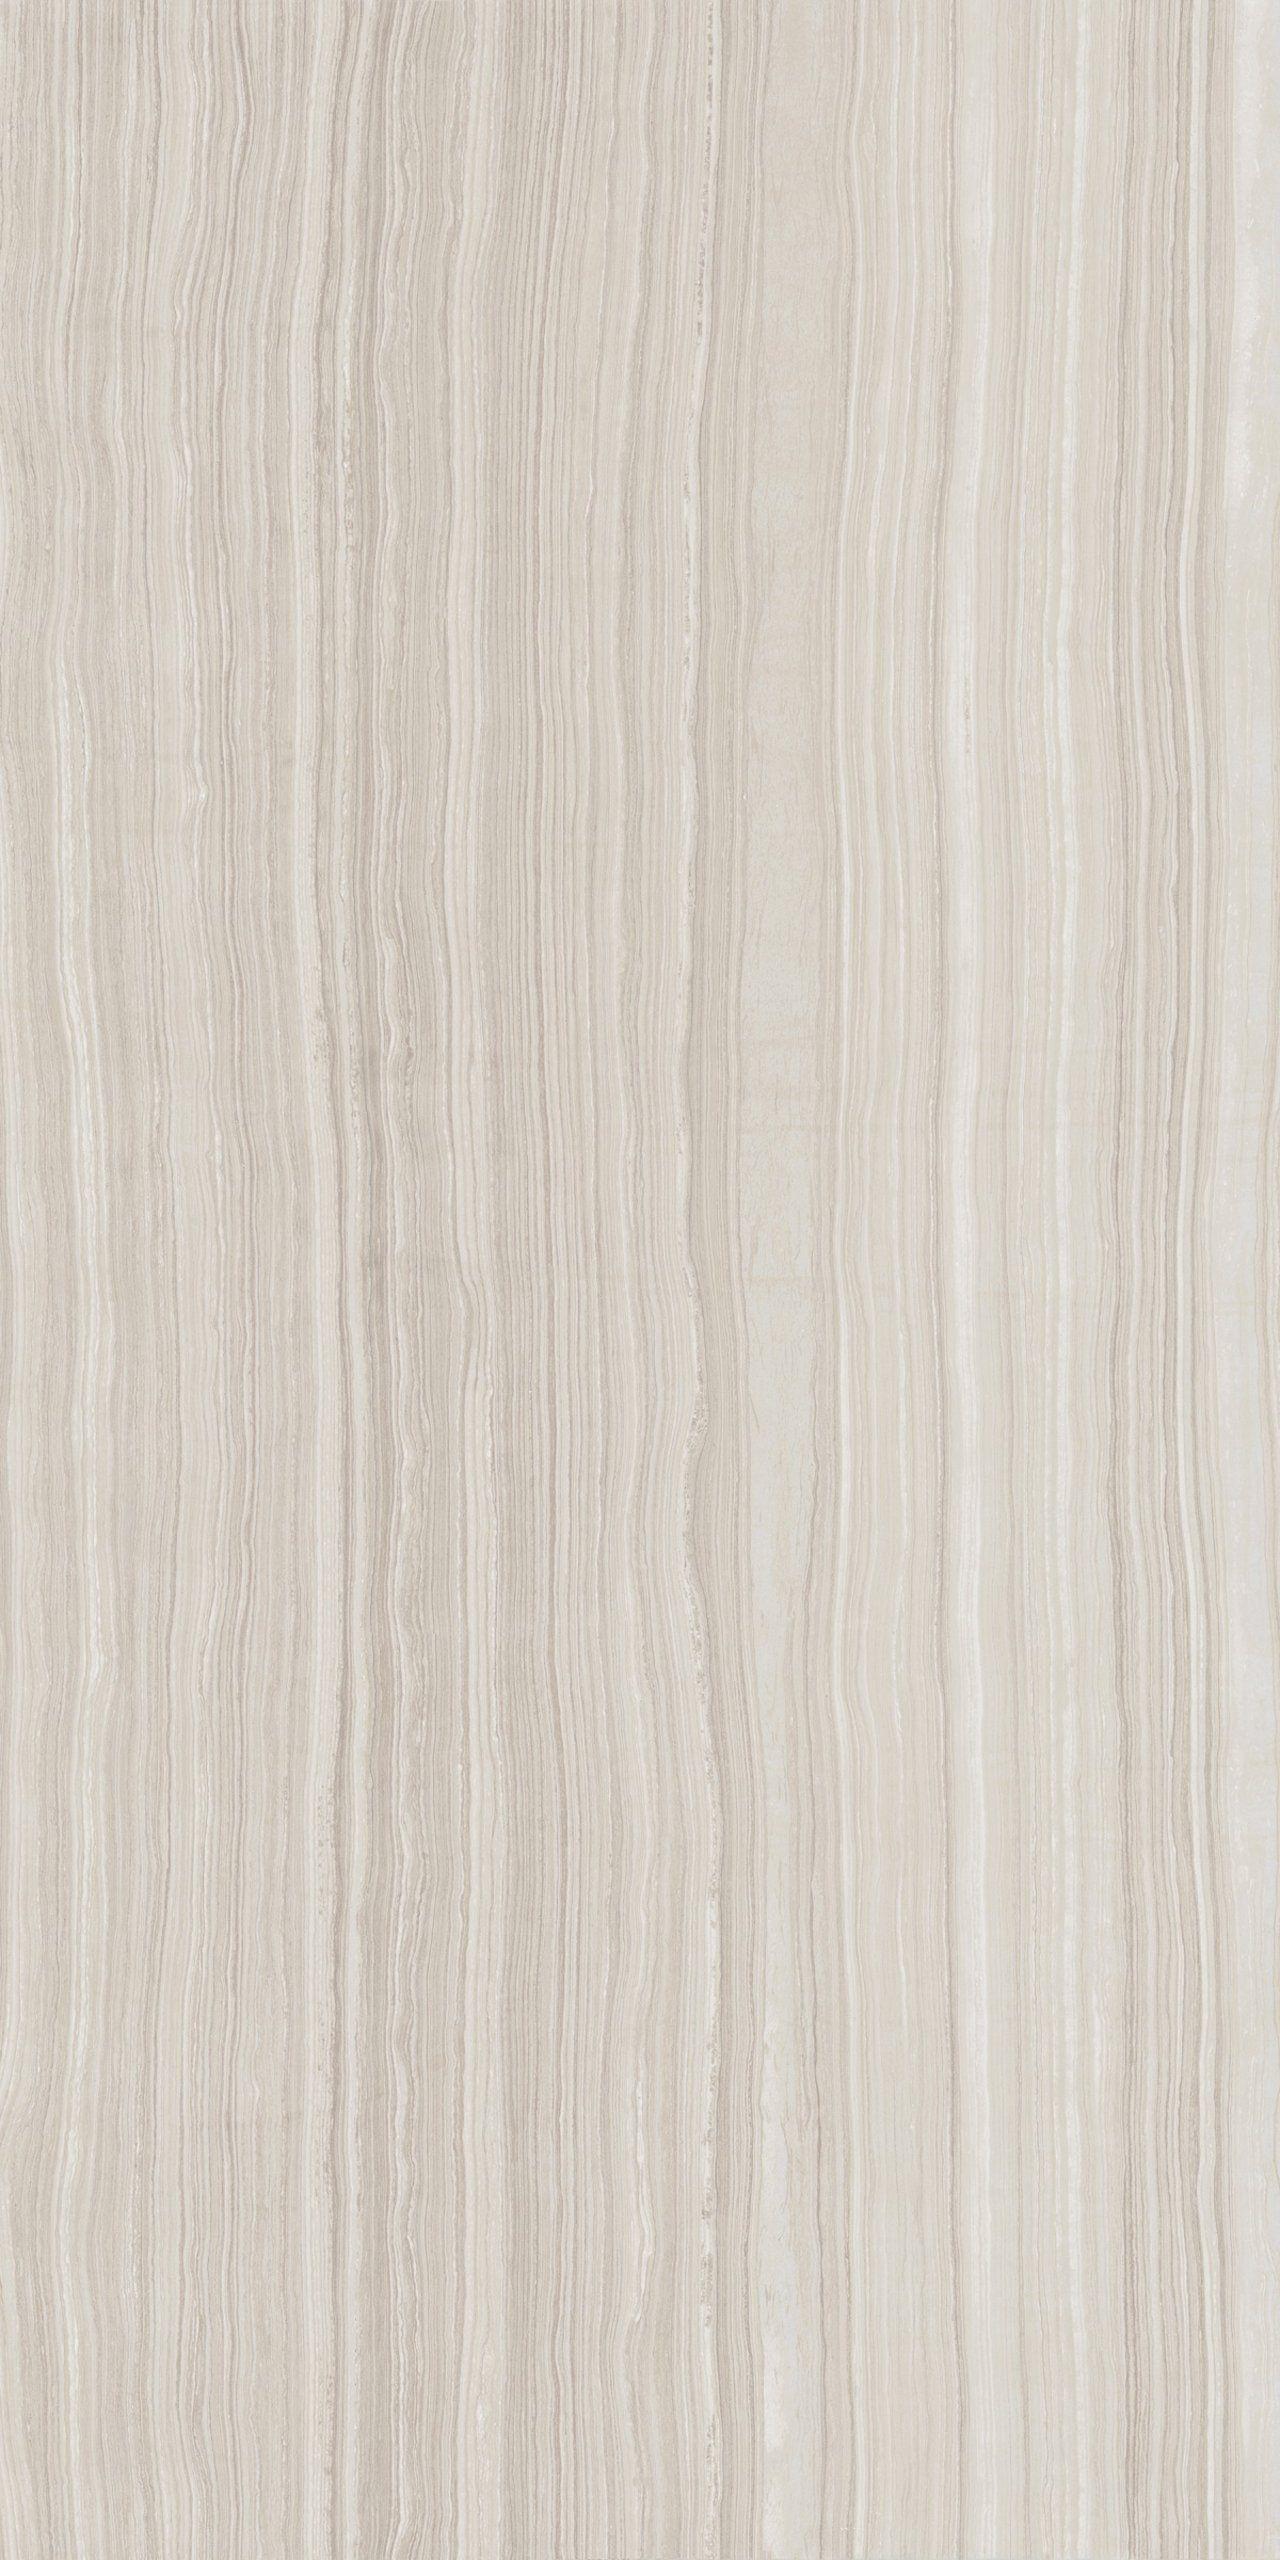 Matrix Classic Tan Tiles Texture Material Textures Wood Texture